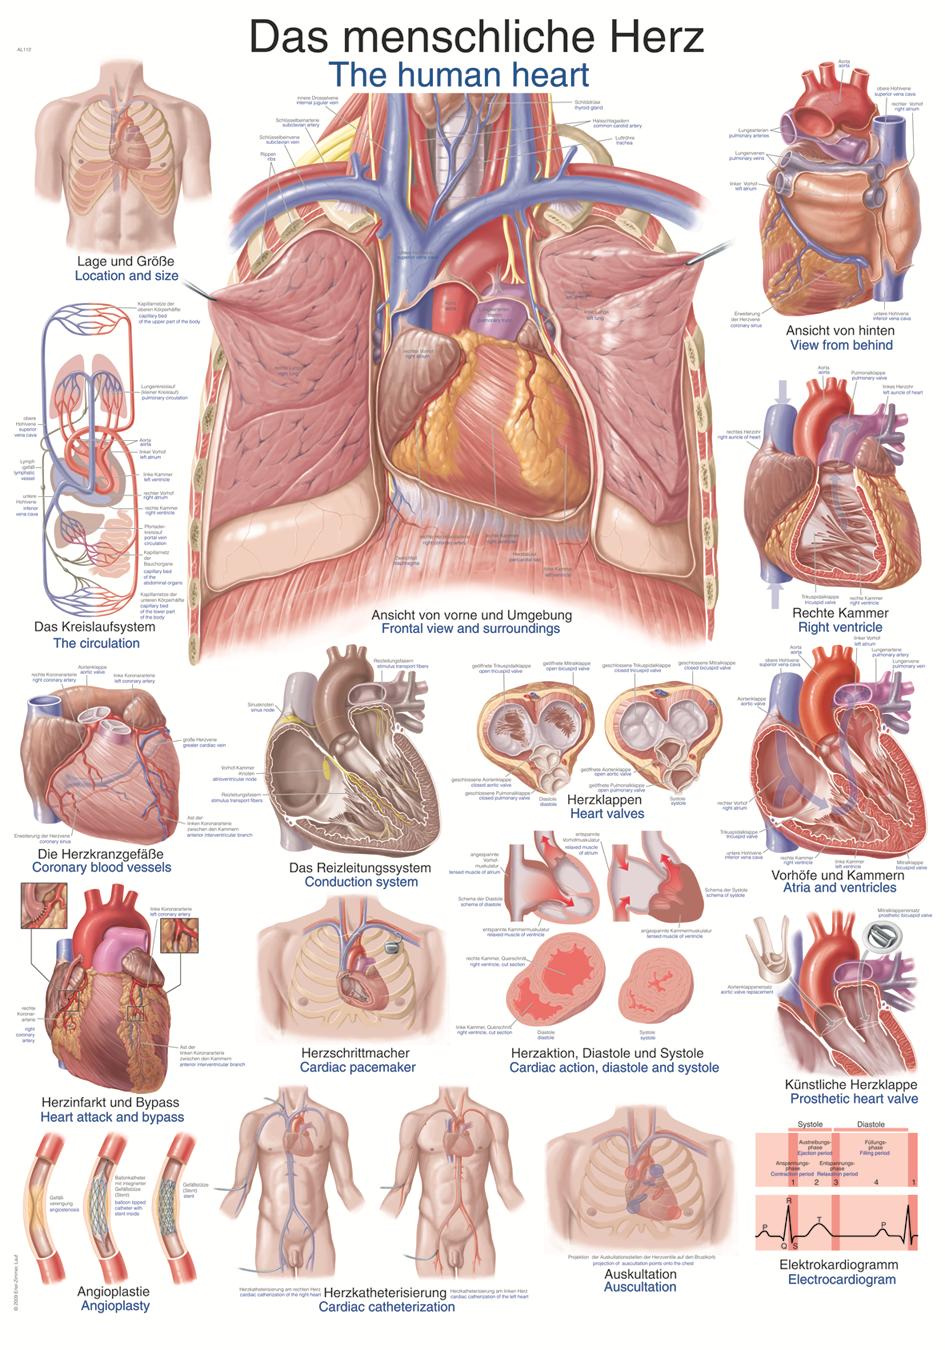 ERLER-ZIMMER Anatomische Lehrtafel menschliches Herz